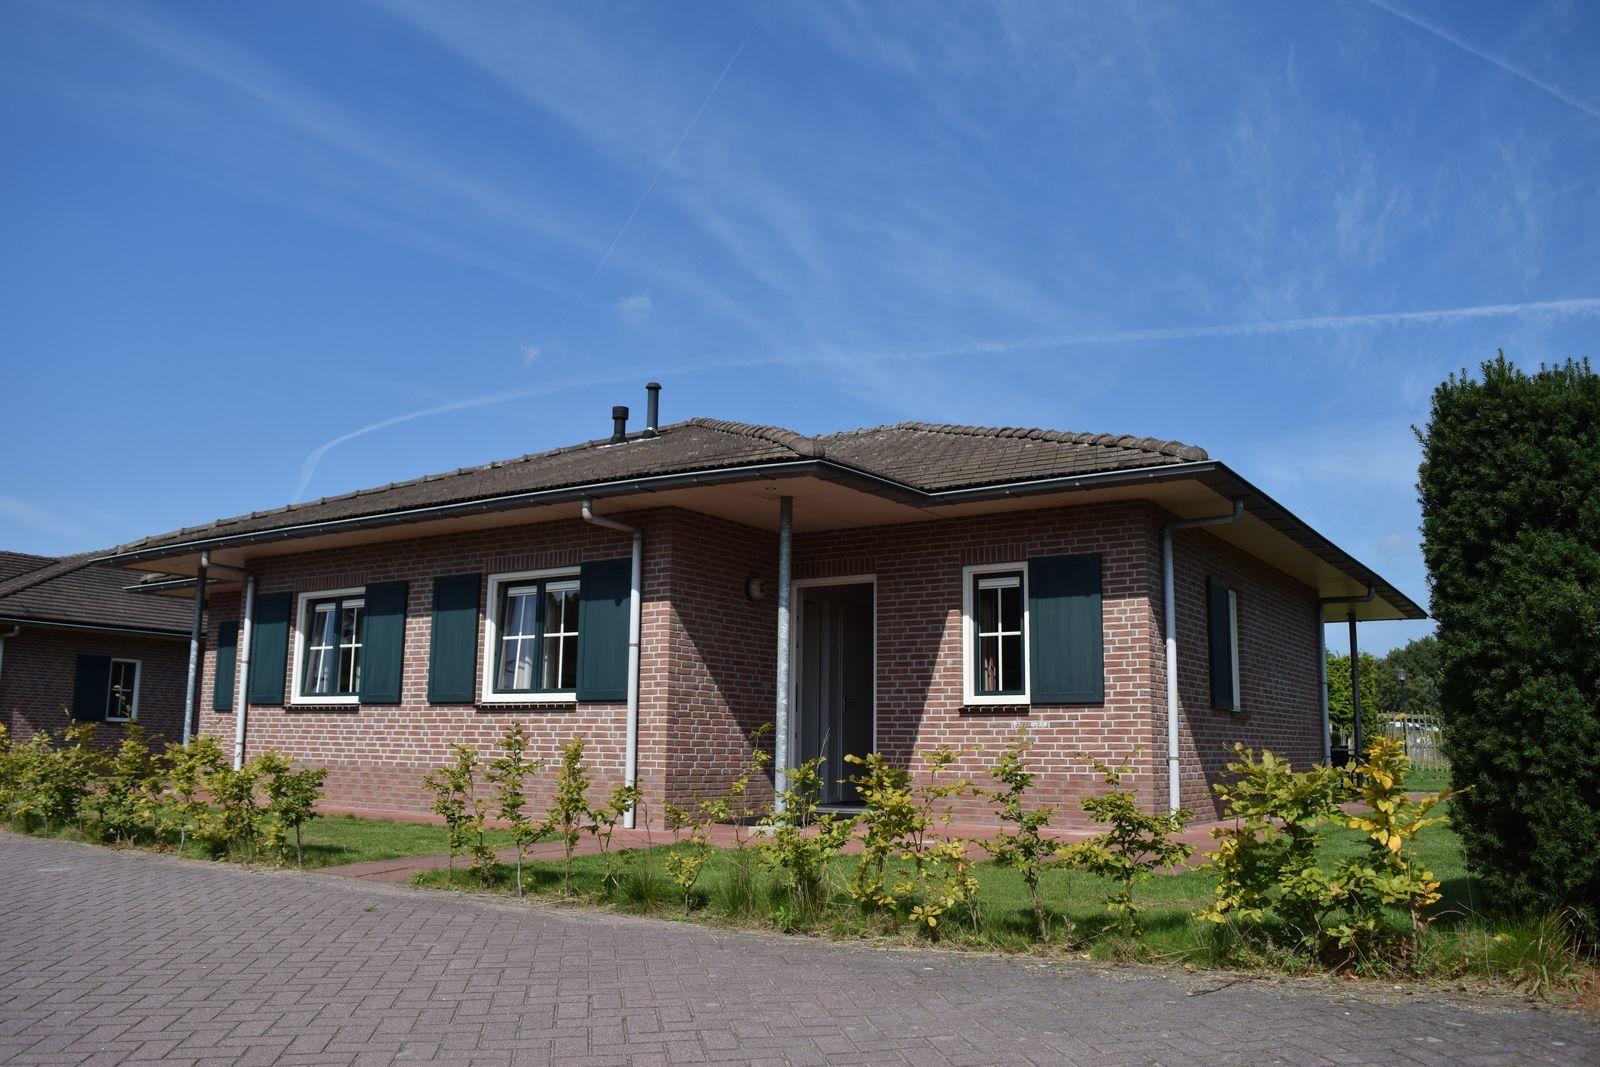 Voorde 16-person bungalow